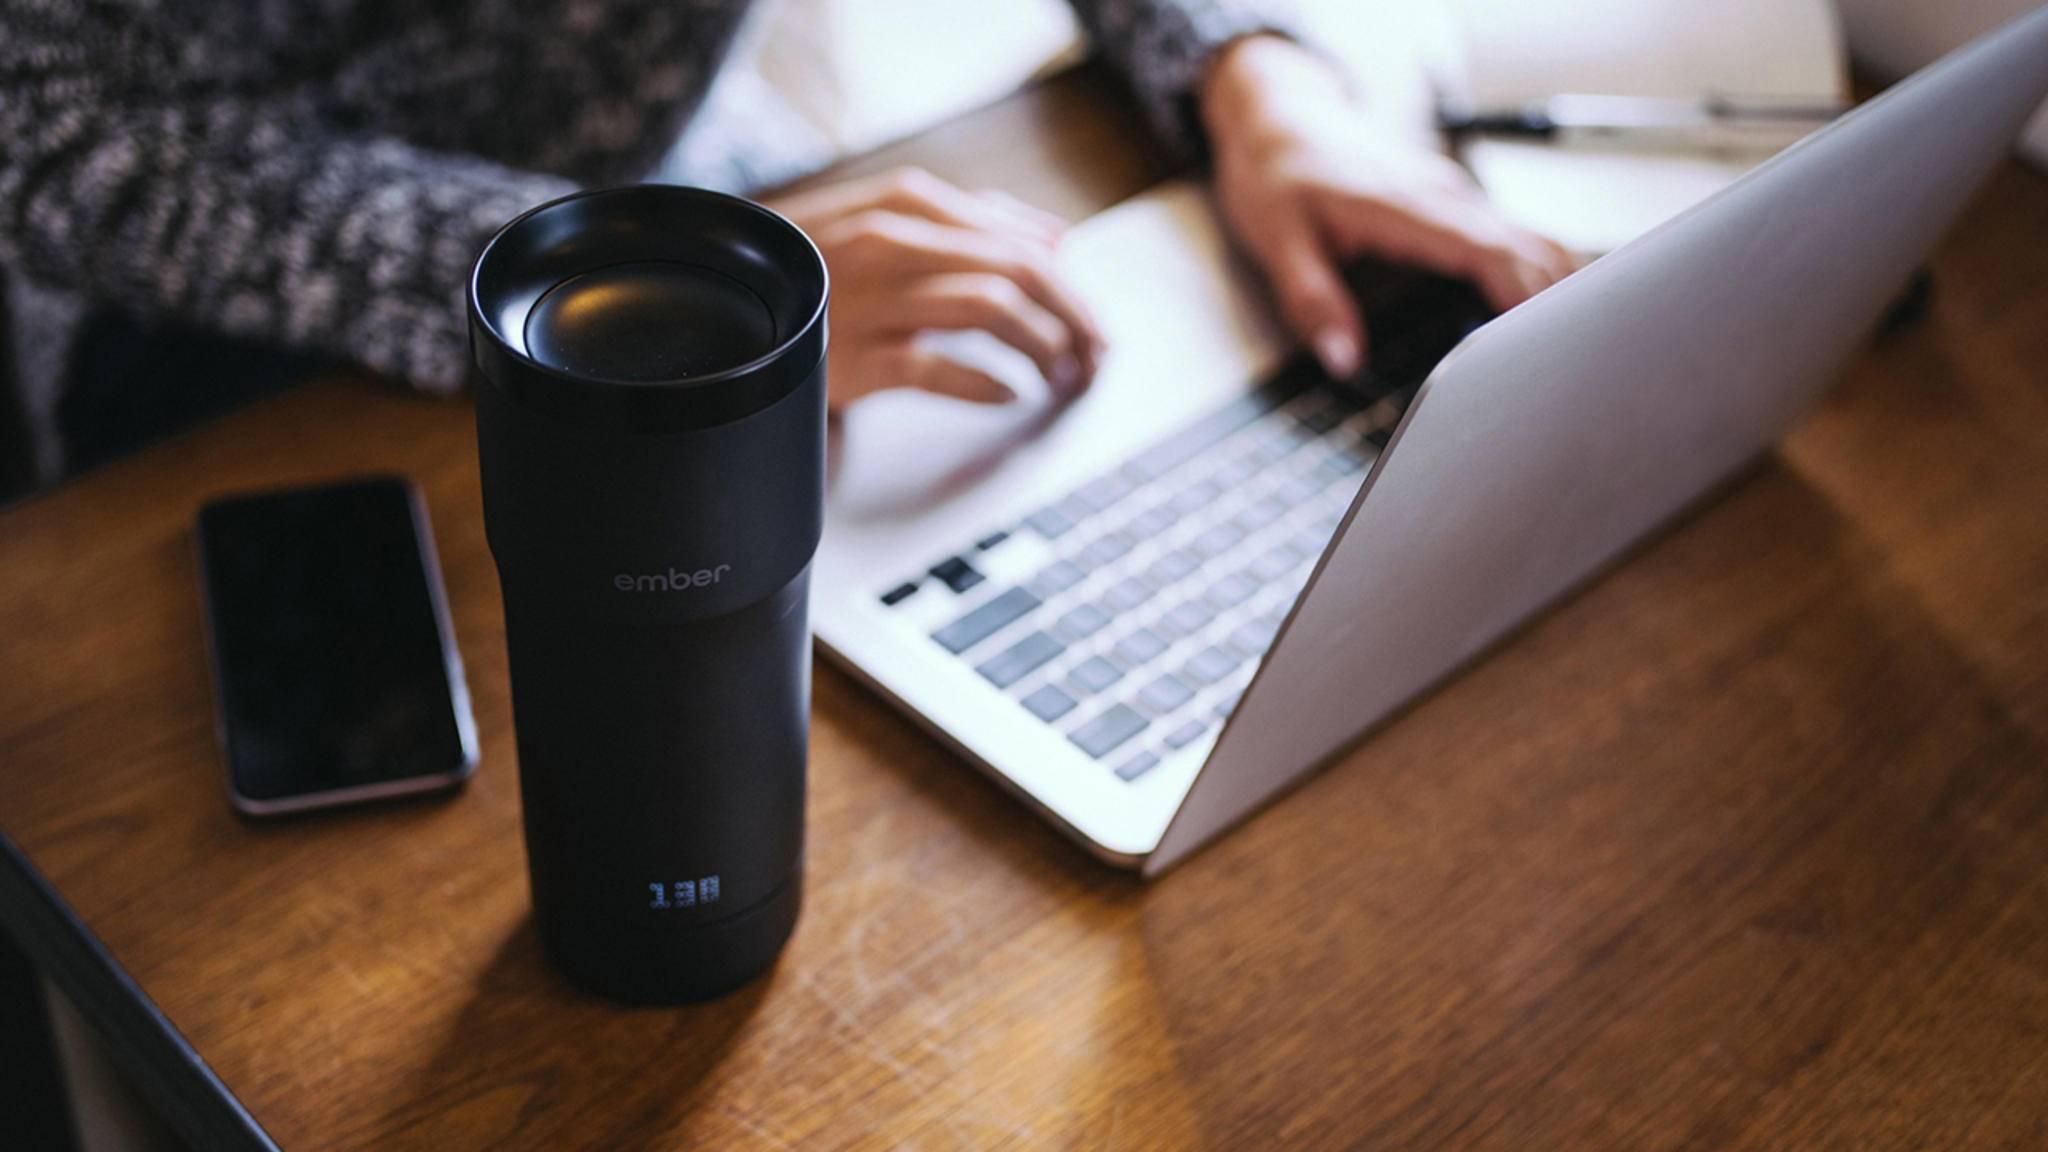 Der Ember-Becher hält Deinen Kaffee auf Wunschtemperatur.